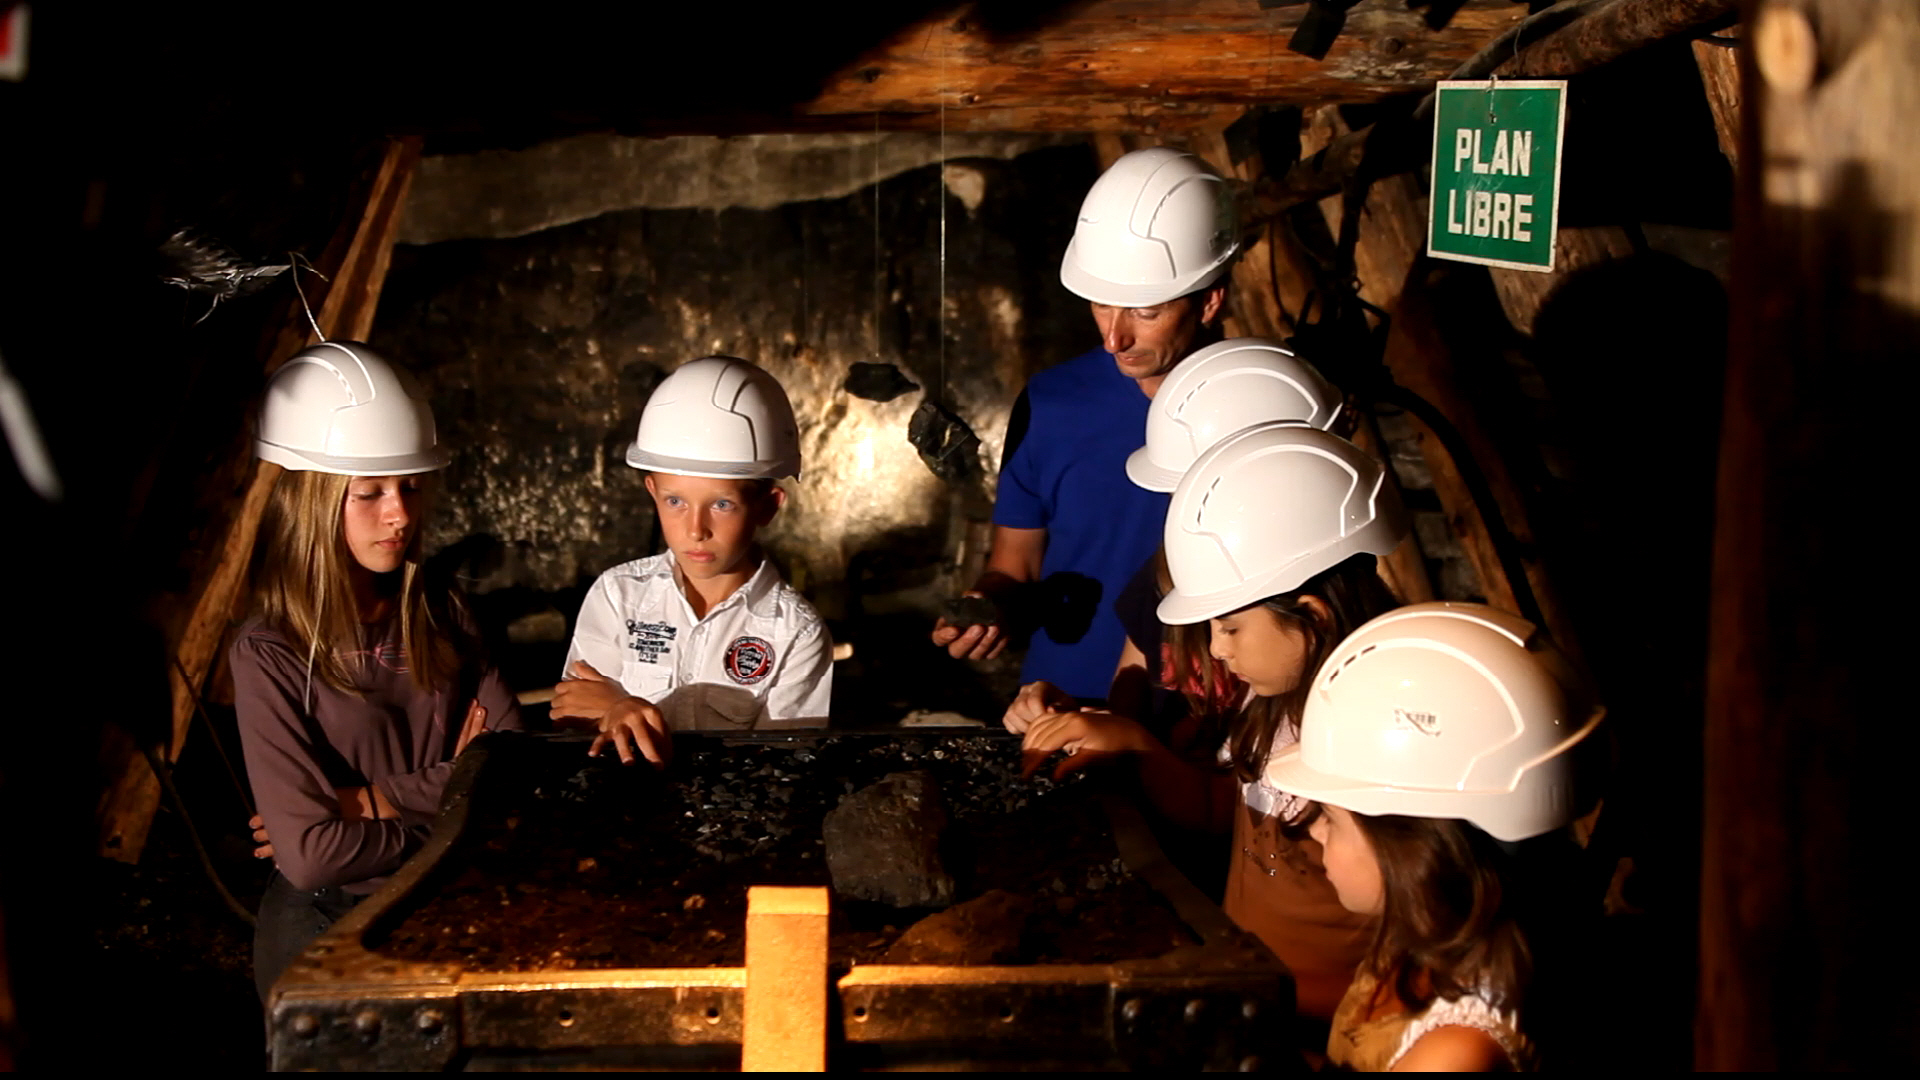 Visite de la galerie au Musée-mine départemental